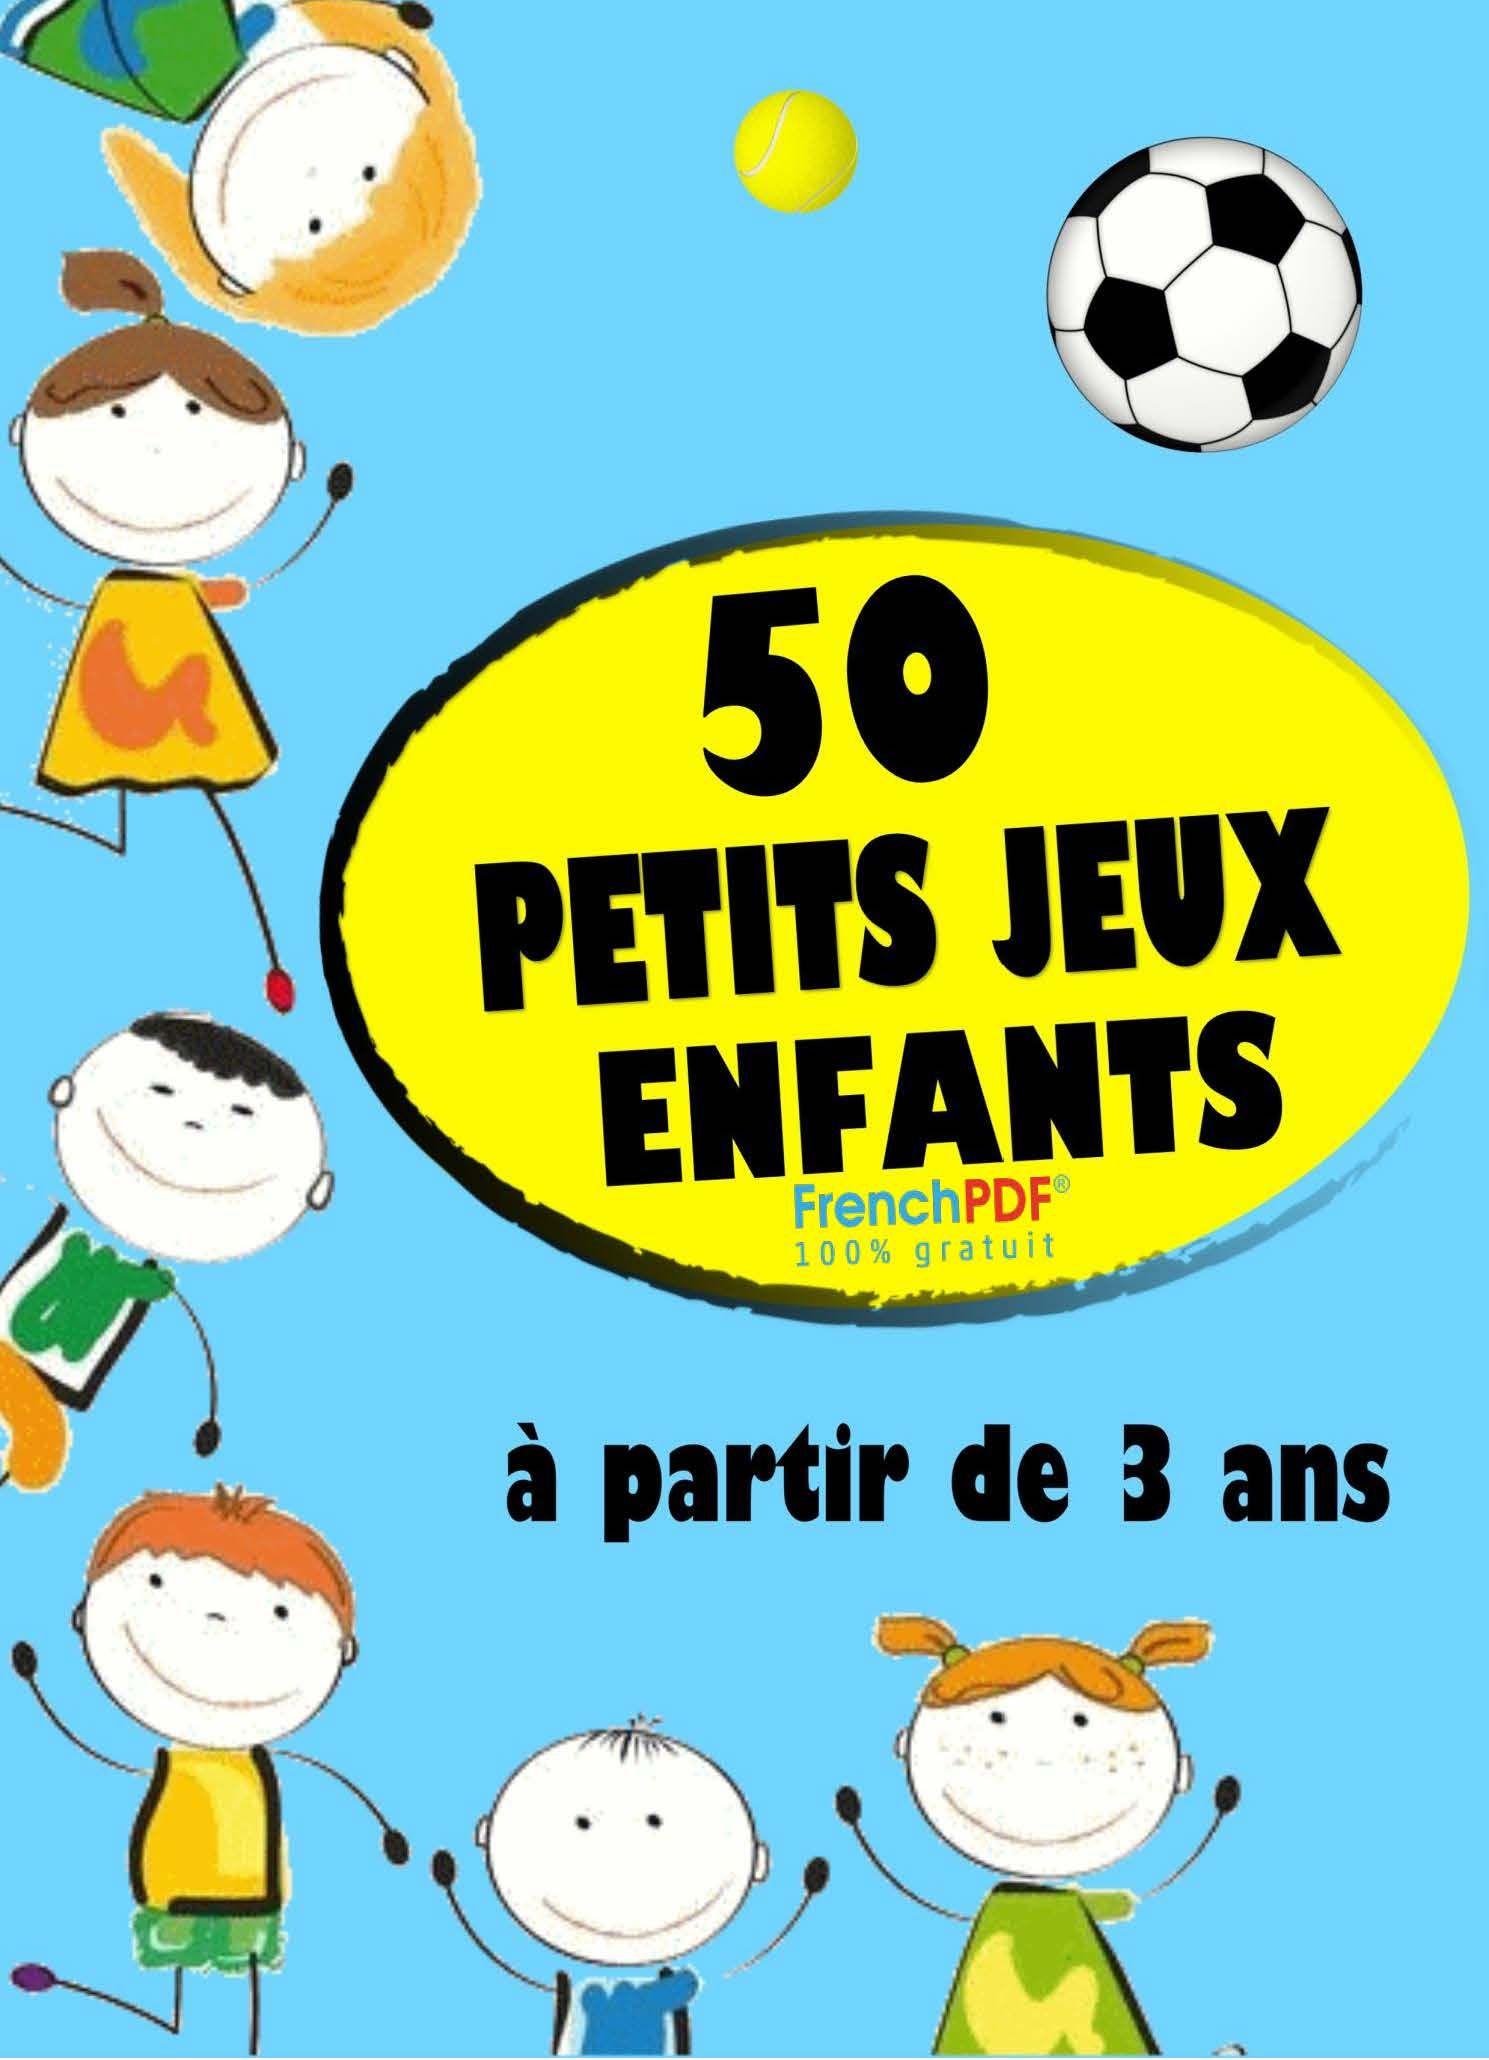 Gratuit] 50 Petits Jeux Enfants Pdf Livres Pour Enfants (+3 intérieur Jeux Facile Pour Petit Gratuit